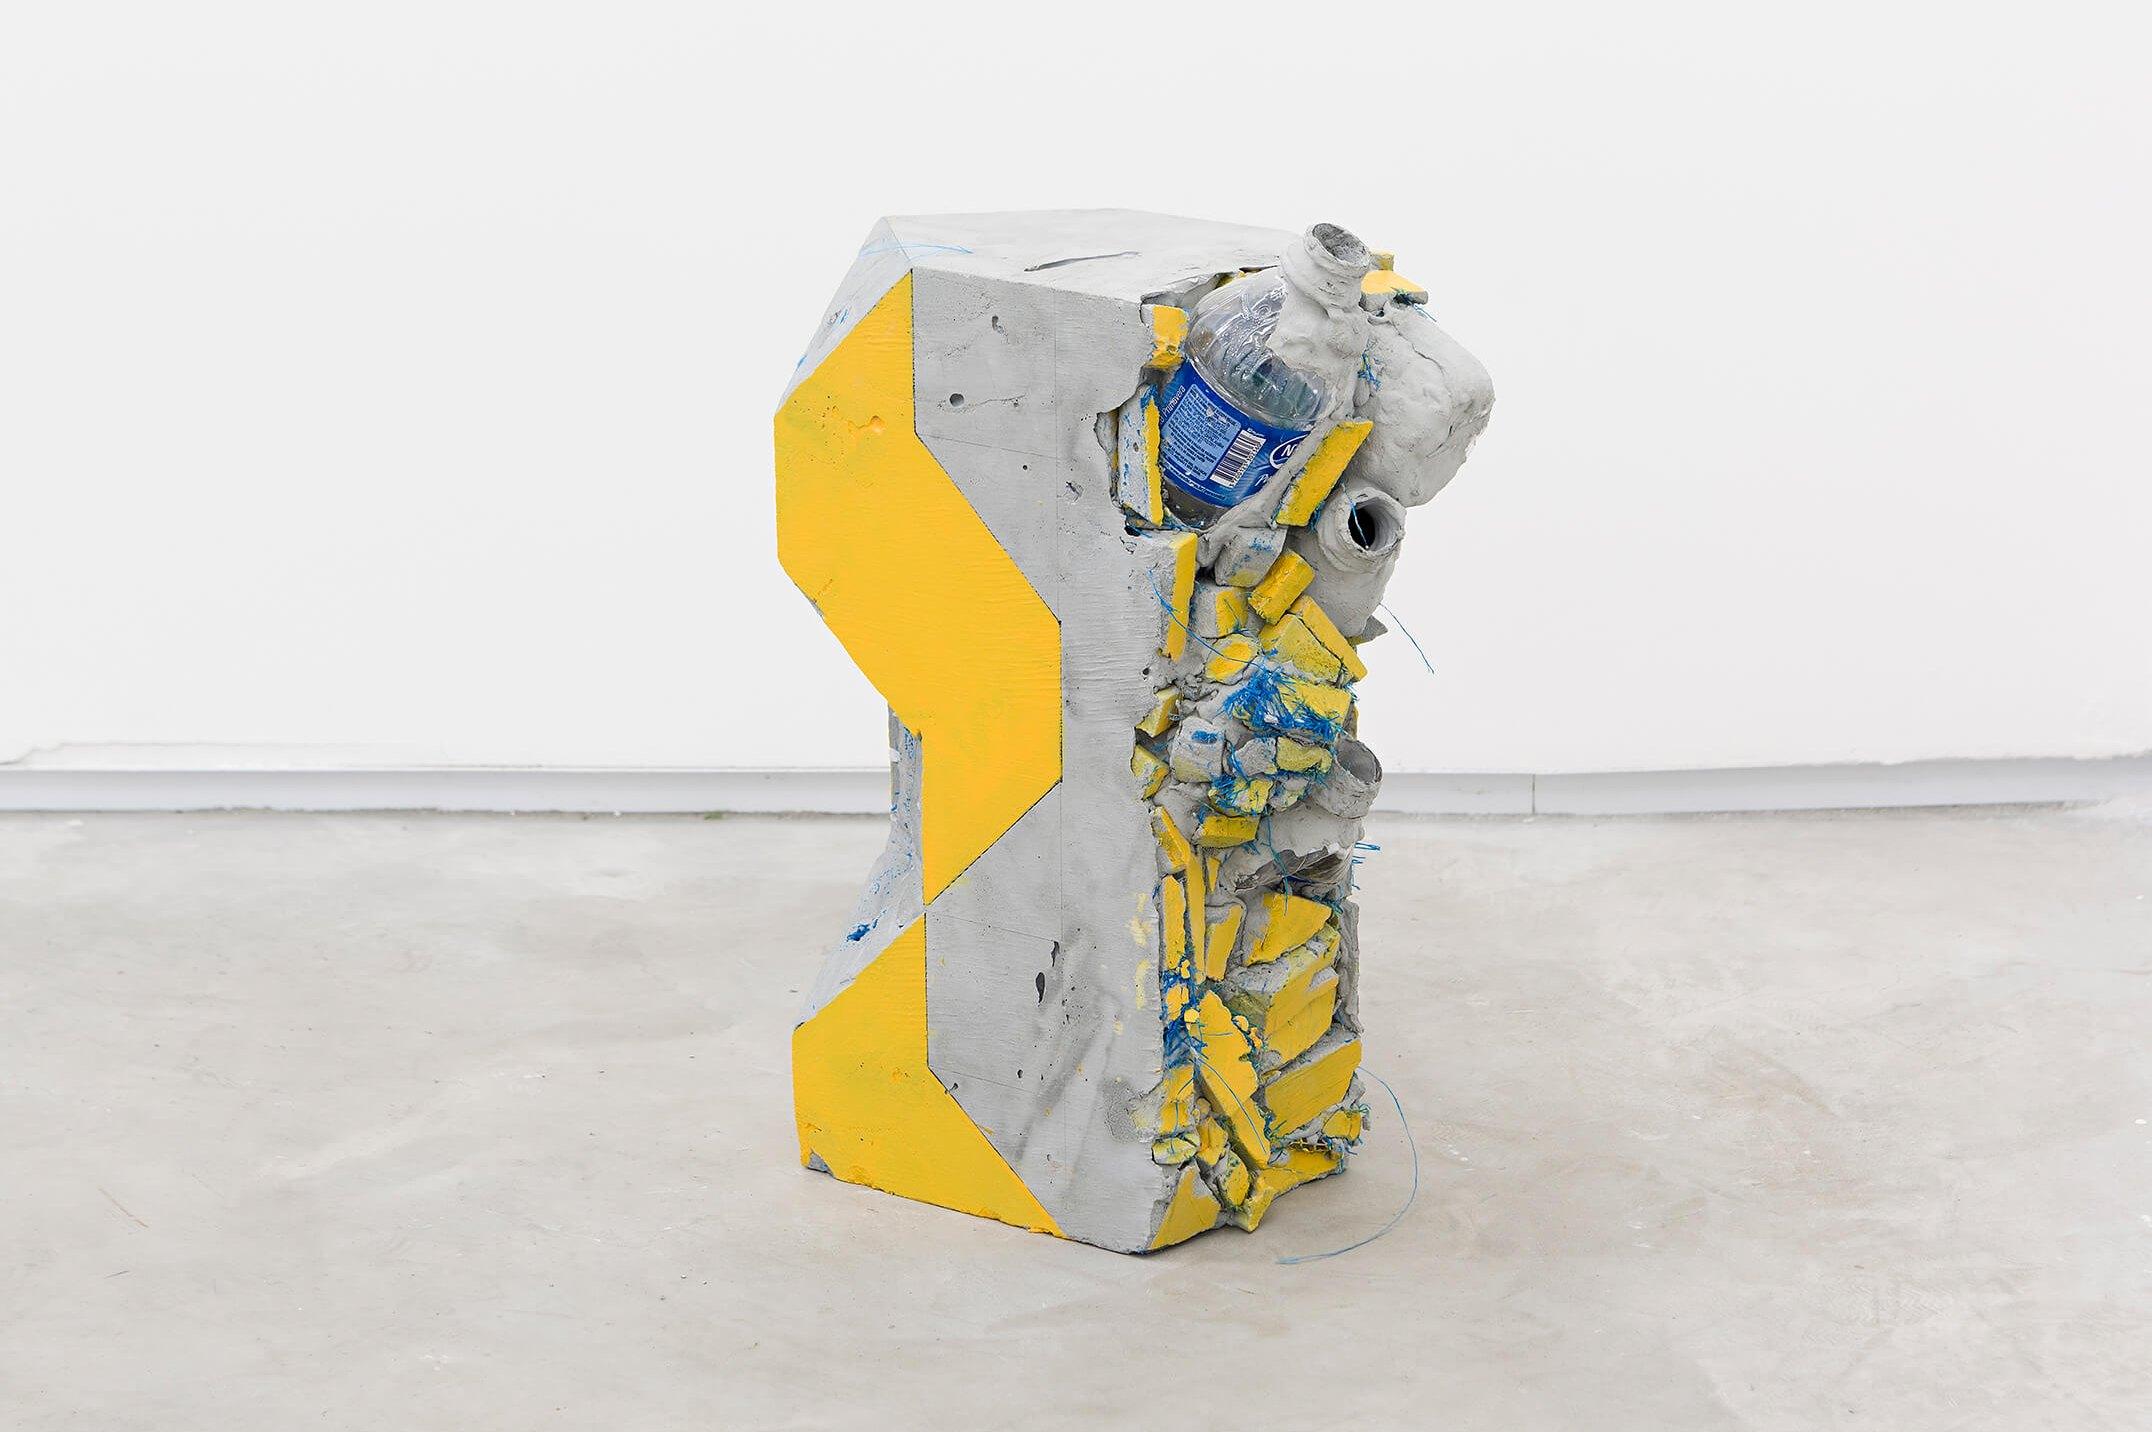 Allyson Vieira, <em>Block 15</em>, 2015, concrete, <em>Worker</em> scraps, concrete blocks, 42 × 28 × 14 cm - Mendes Wood DM